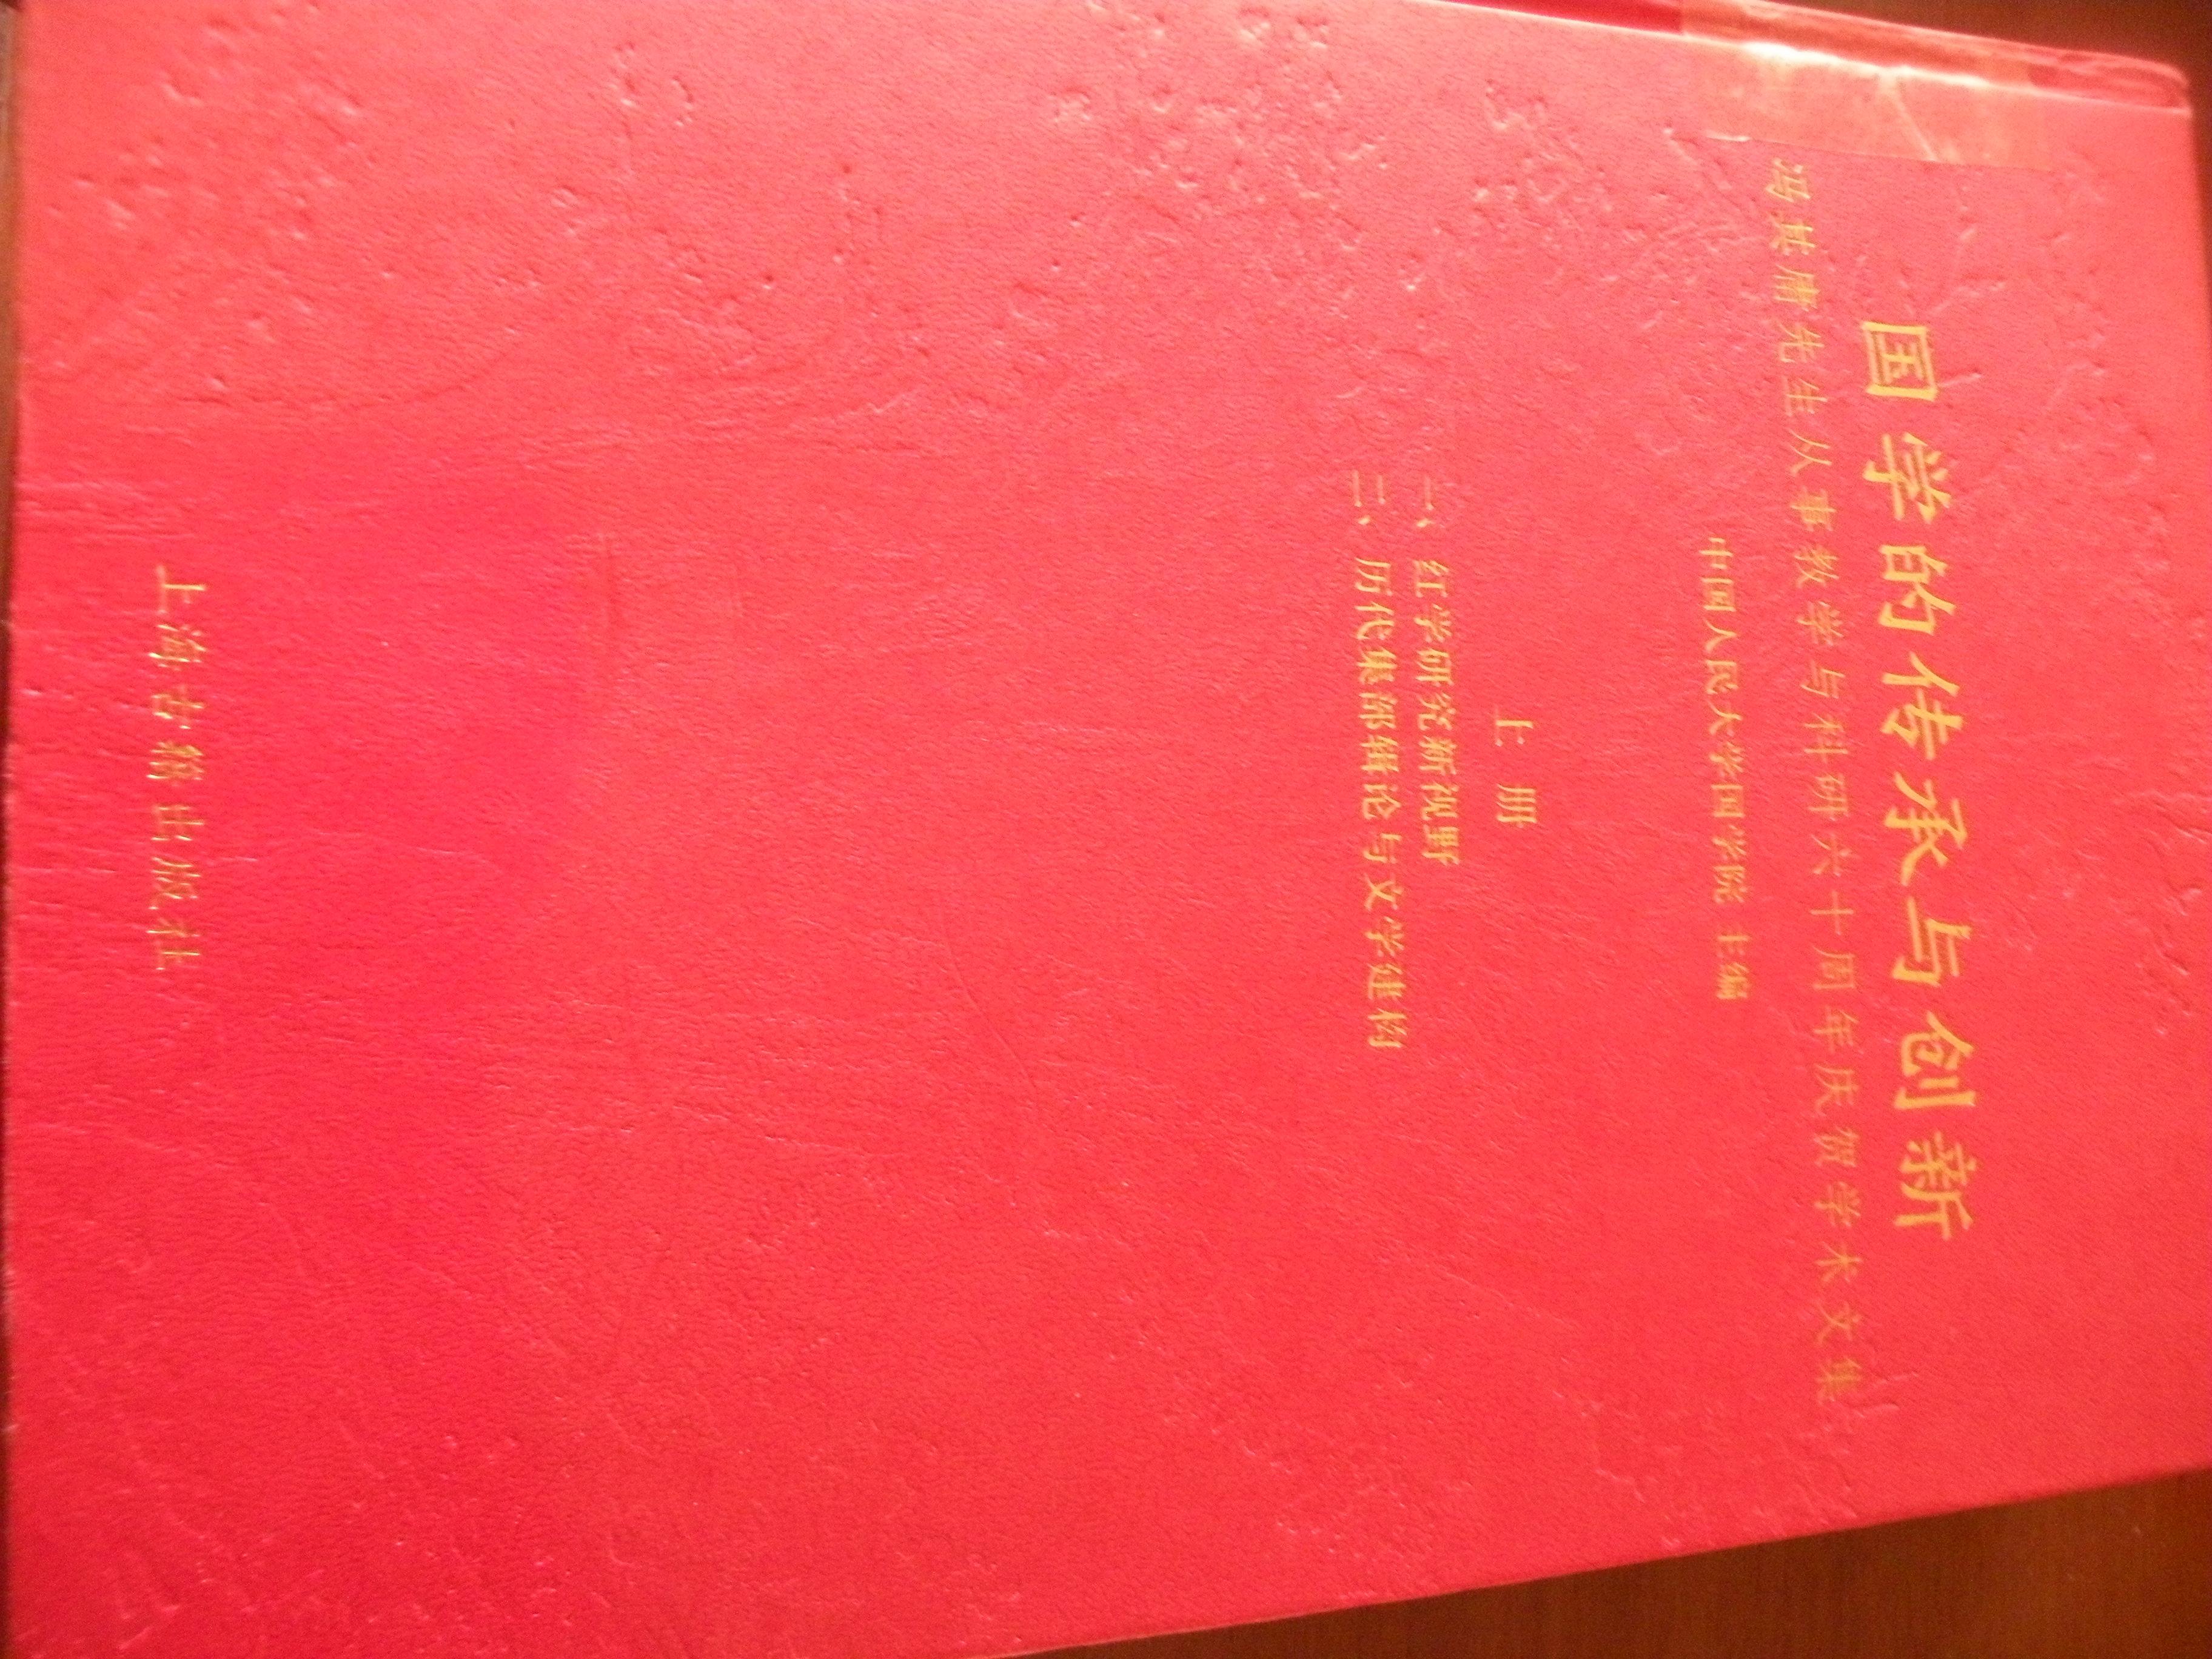 DSCN5770.JPG